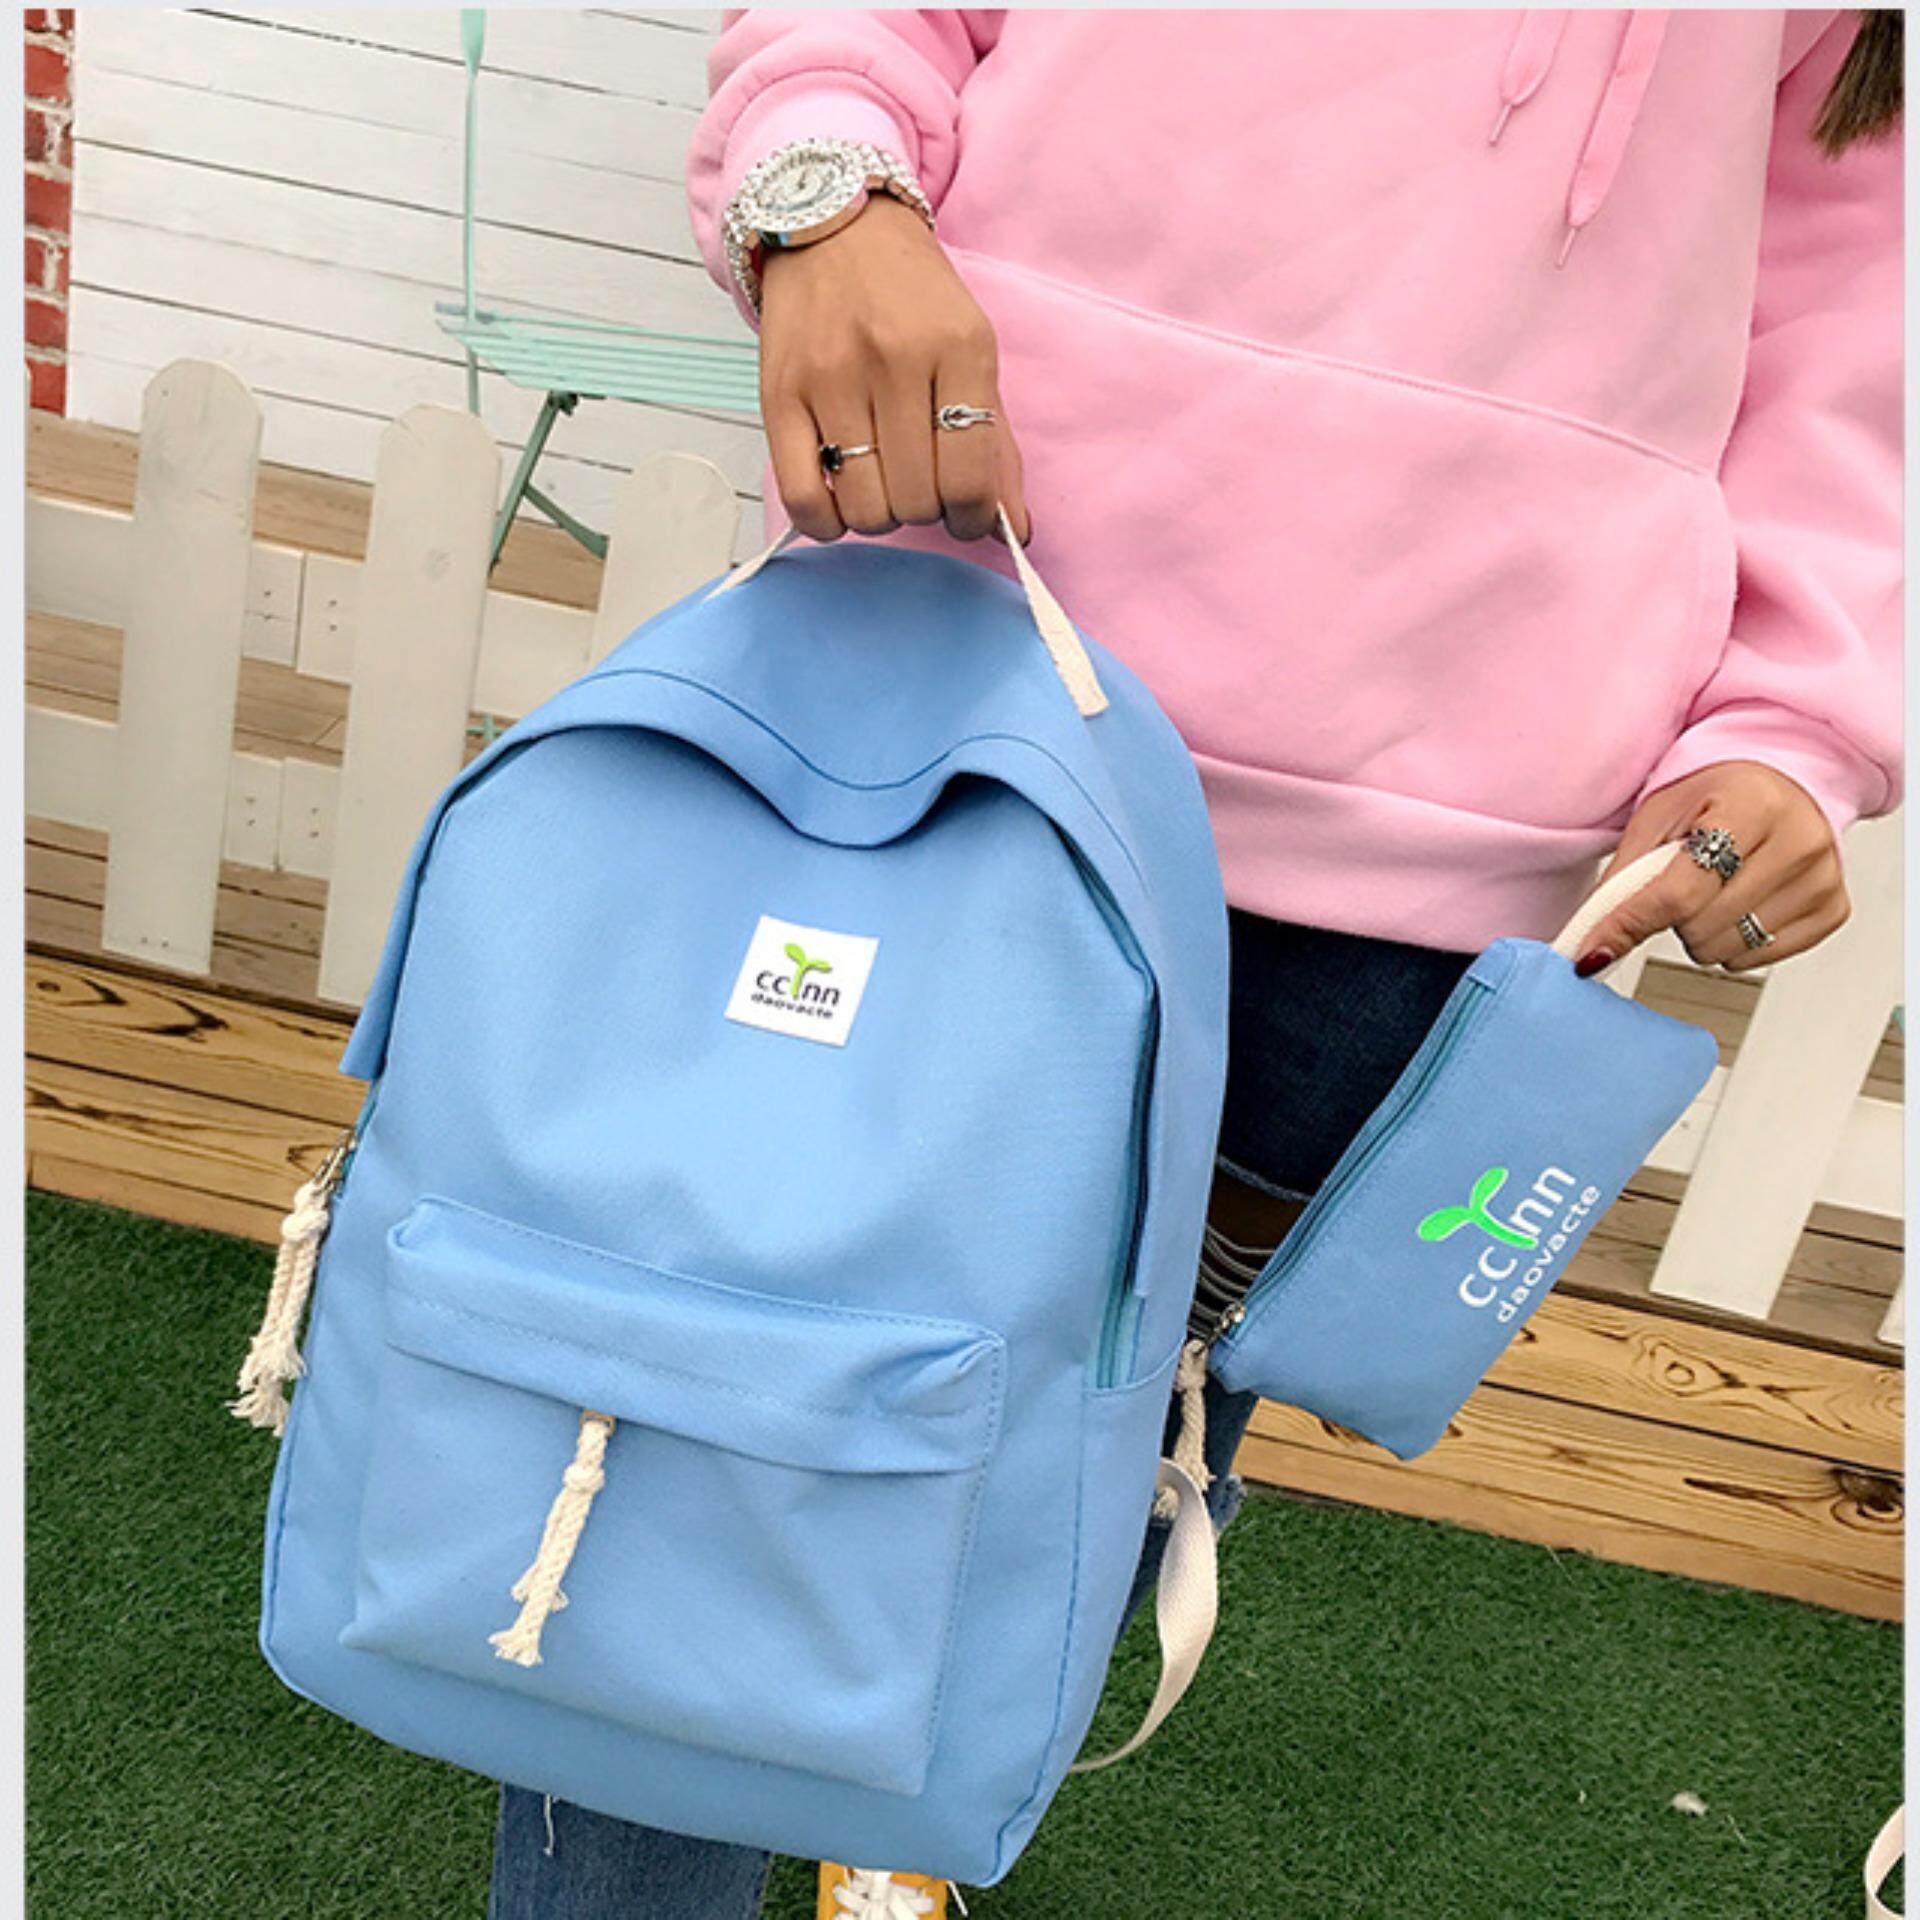 ราคา Lavelle 9256 การออกแบบเกาหลี คุณภาพระดับพรีเมียม แฟชั่น กระเป๋าเป้สะพายหลัง สีน้ำเงิน ใหม่